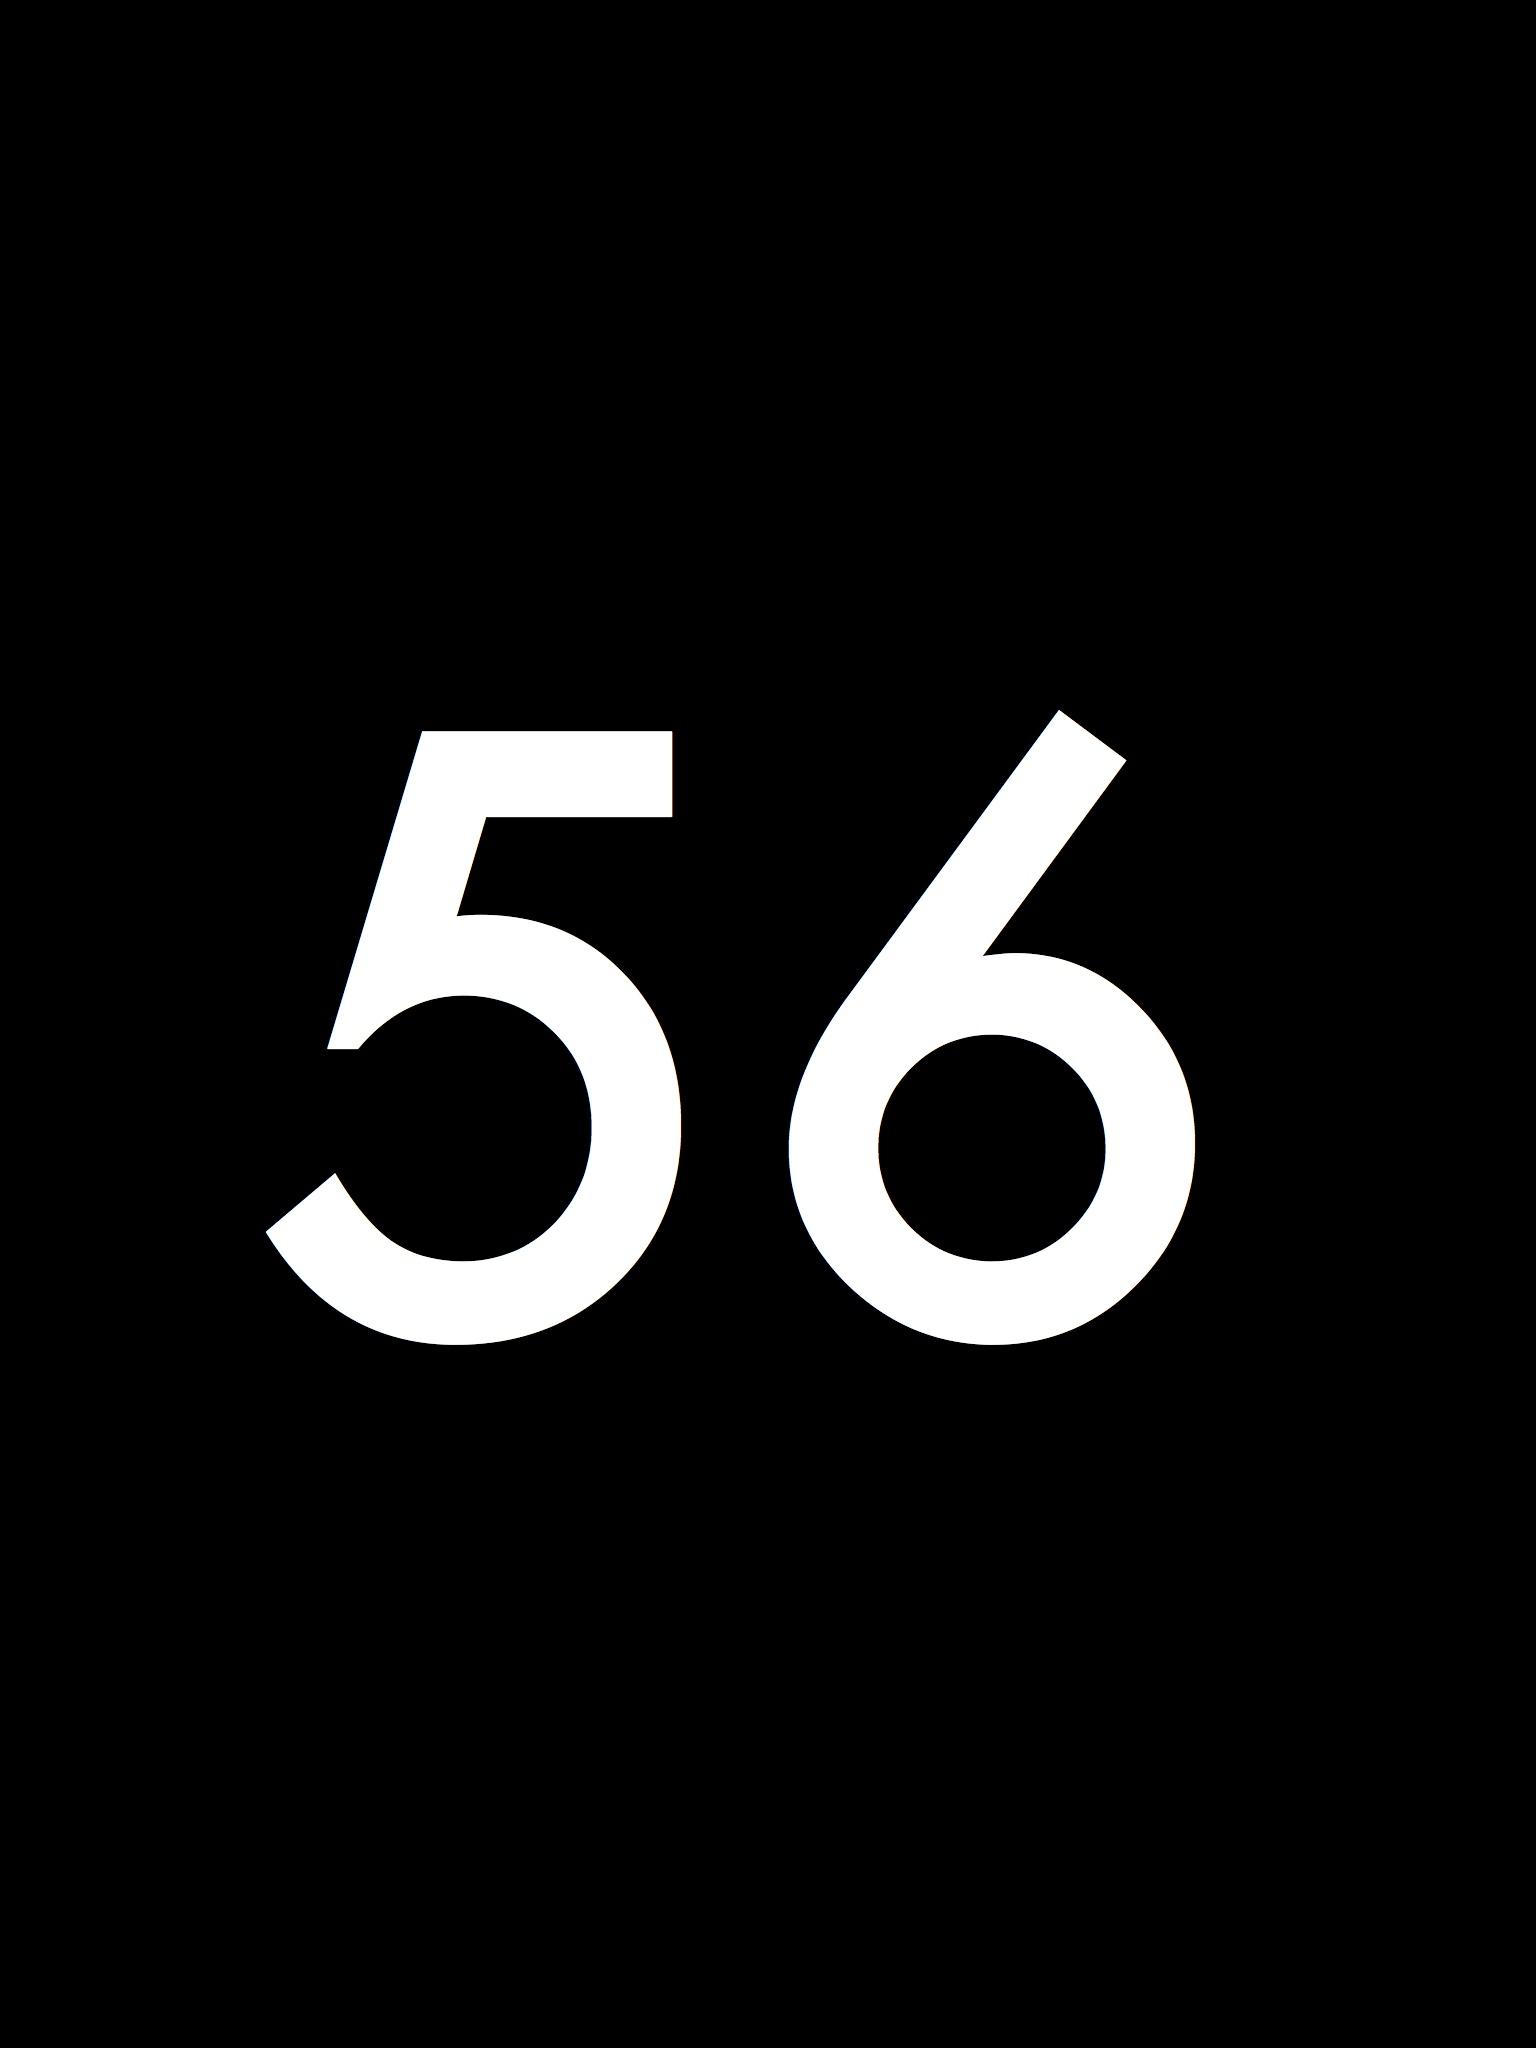 Black_Number.056.jpg